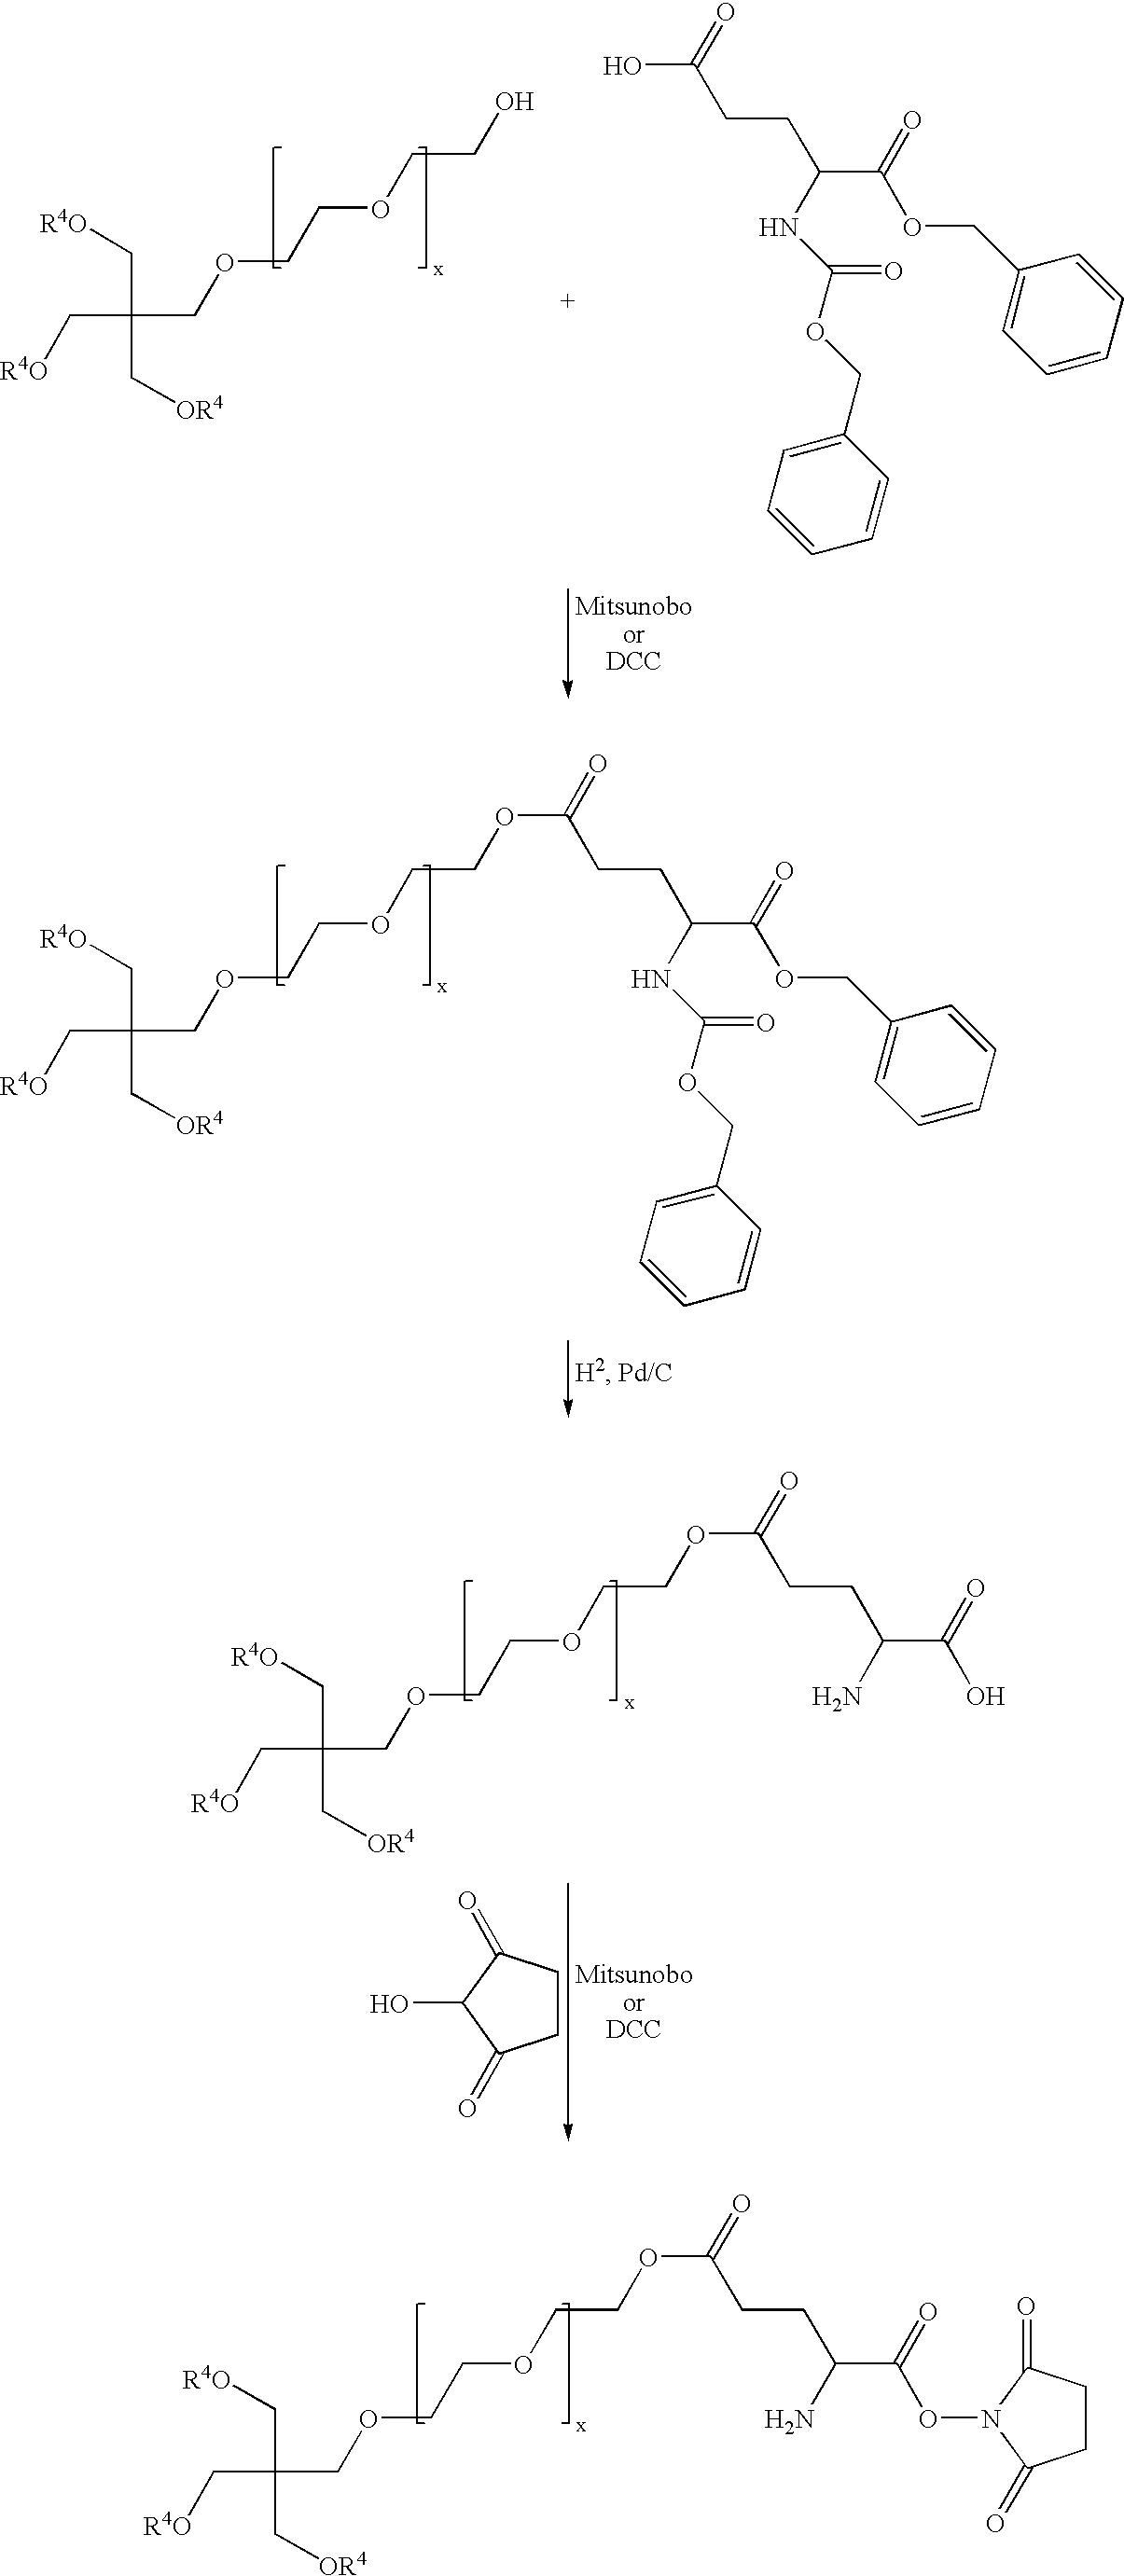 Figure US20050182450A1-20050818-C00119